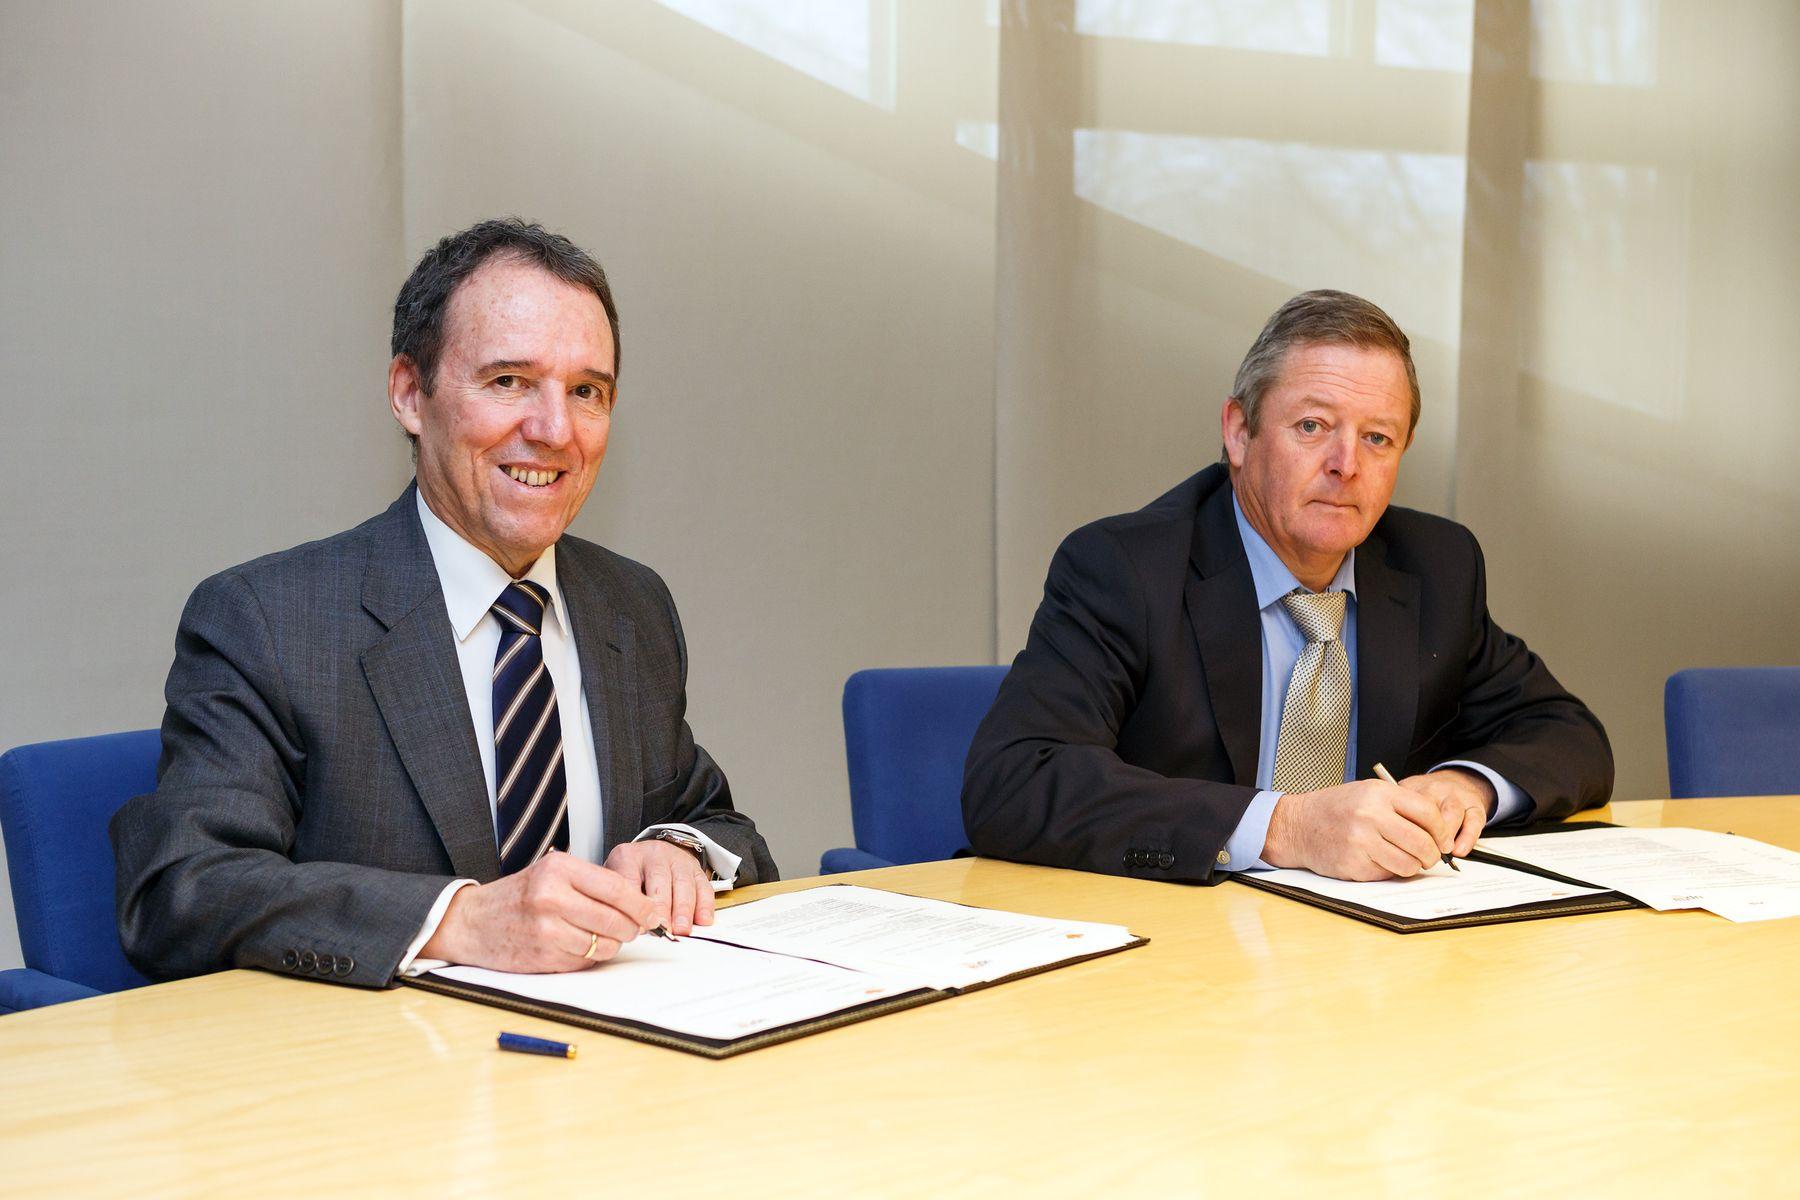 Luis Barriendo, Caja Rural de Navarra, a la izquierda, y Julio Lafuente, UPNA, en la firma del convenio.